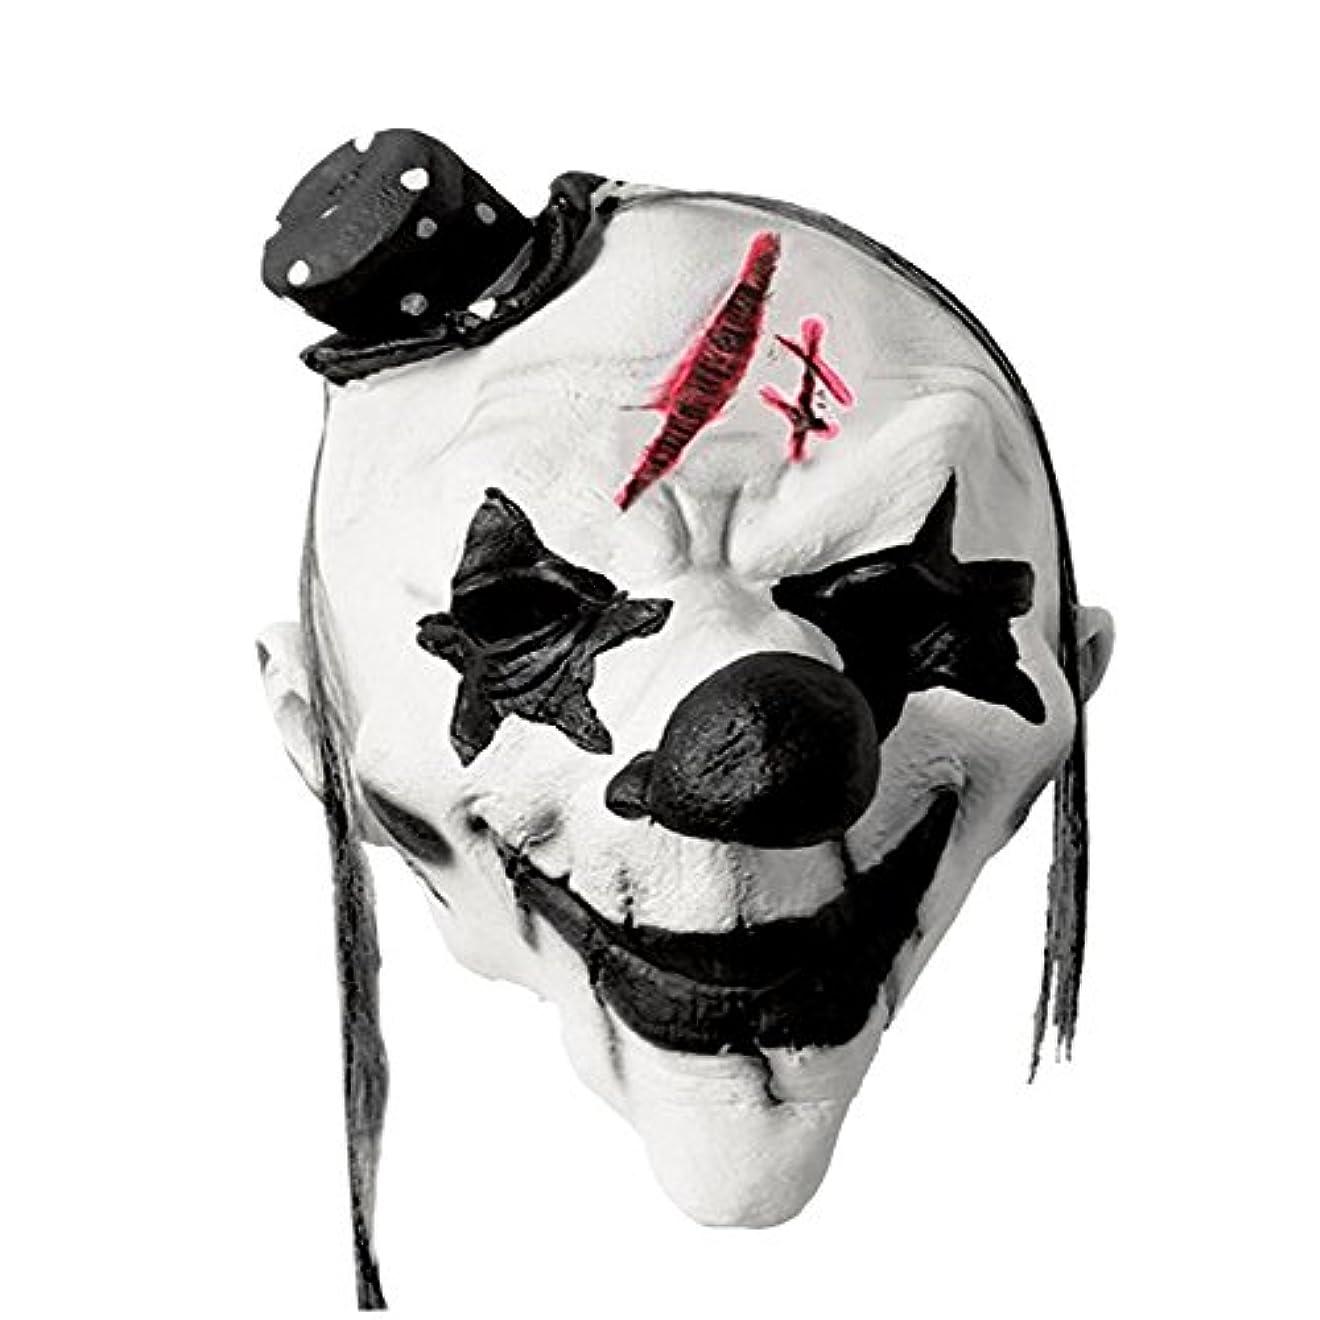 モネ罪欠点ハロウィーンの白黒の道化師のマスク/偽装のホラーマスクのプロムパフォーマンスショーは小道具の道化師のマスクをドレスアップ